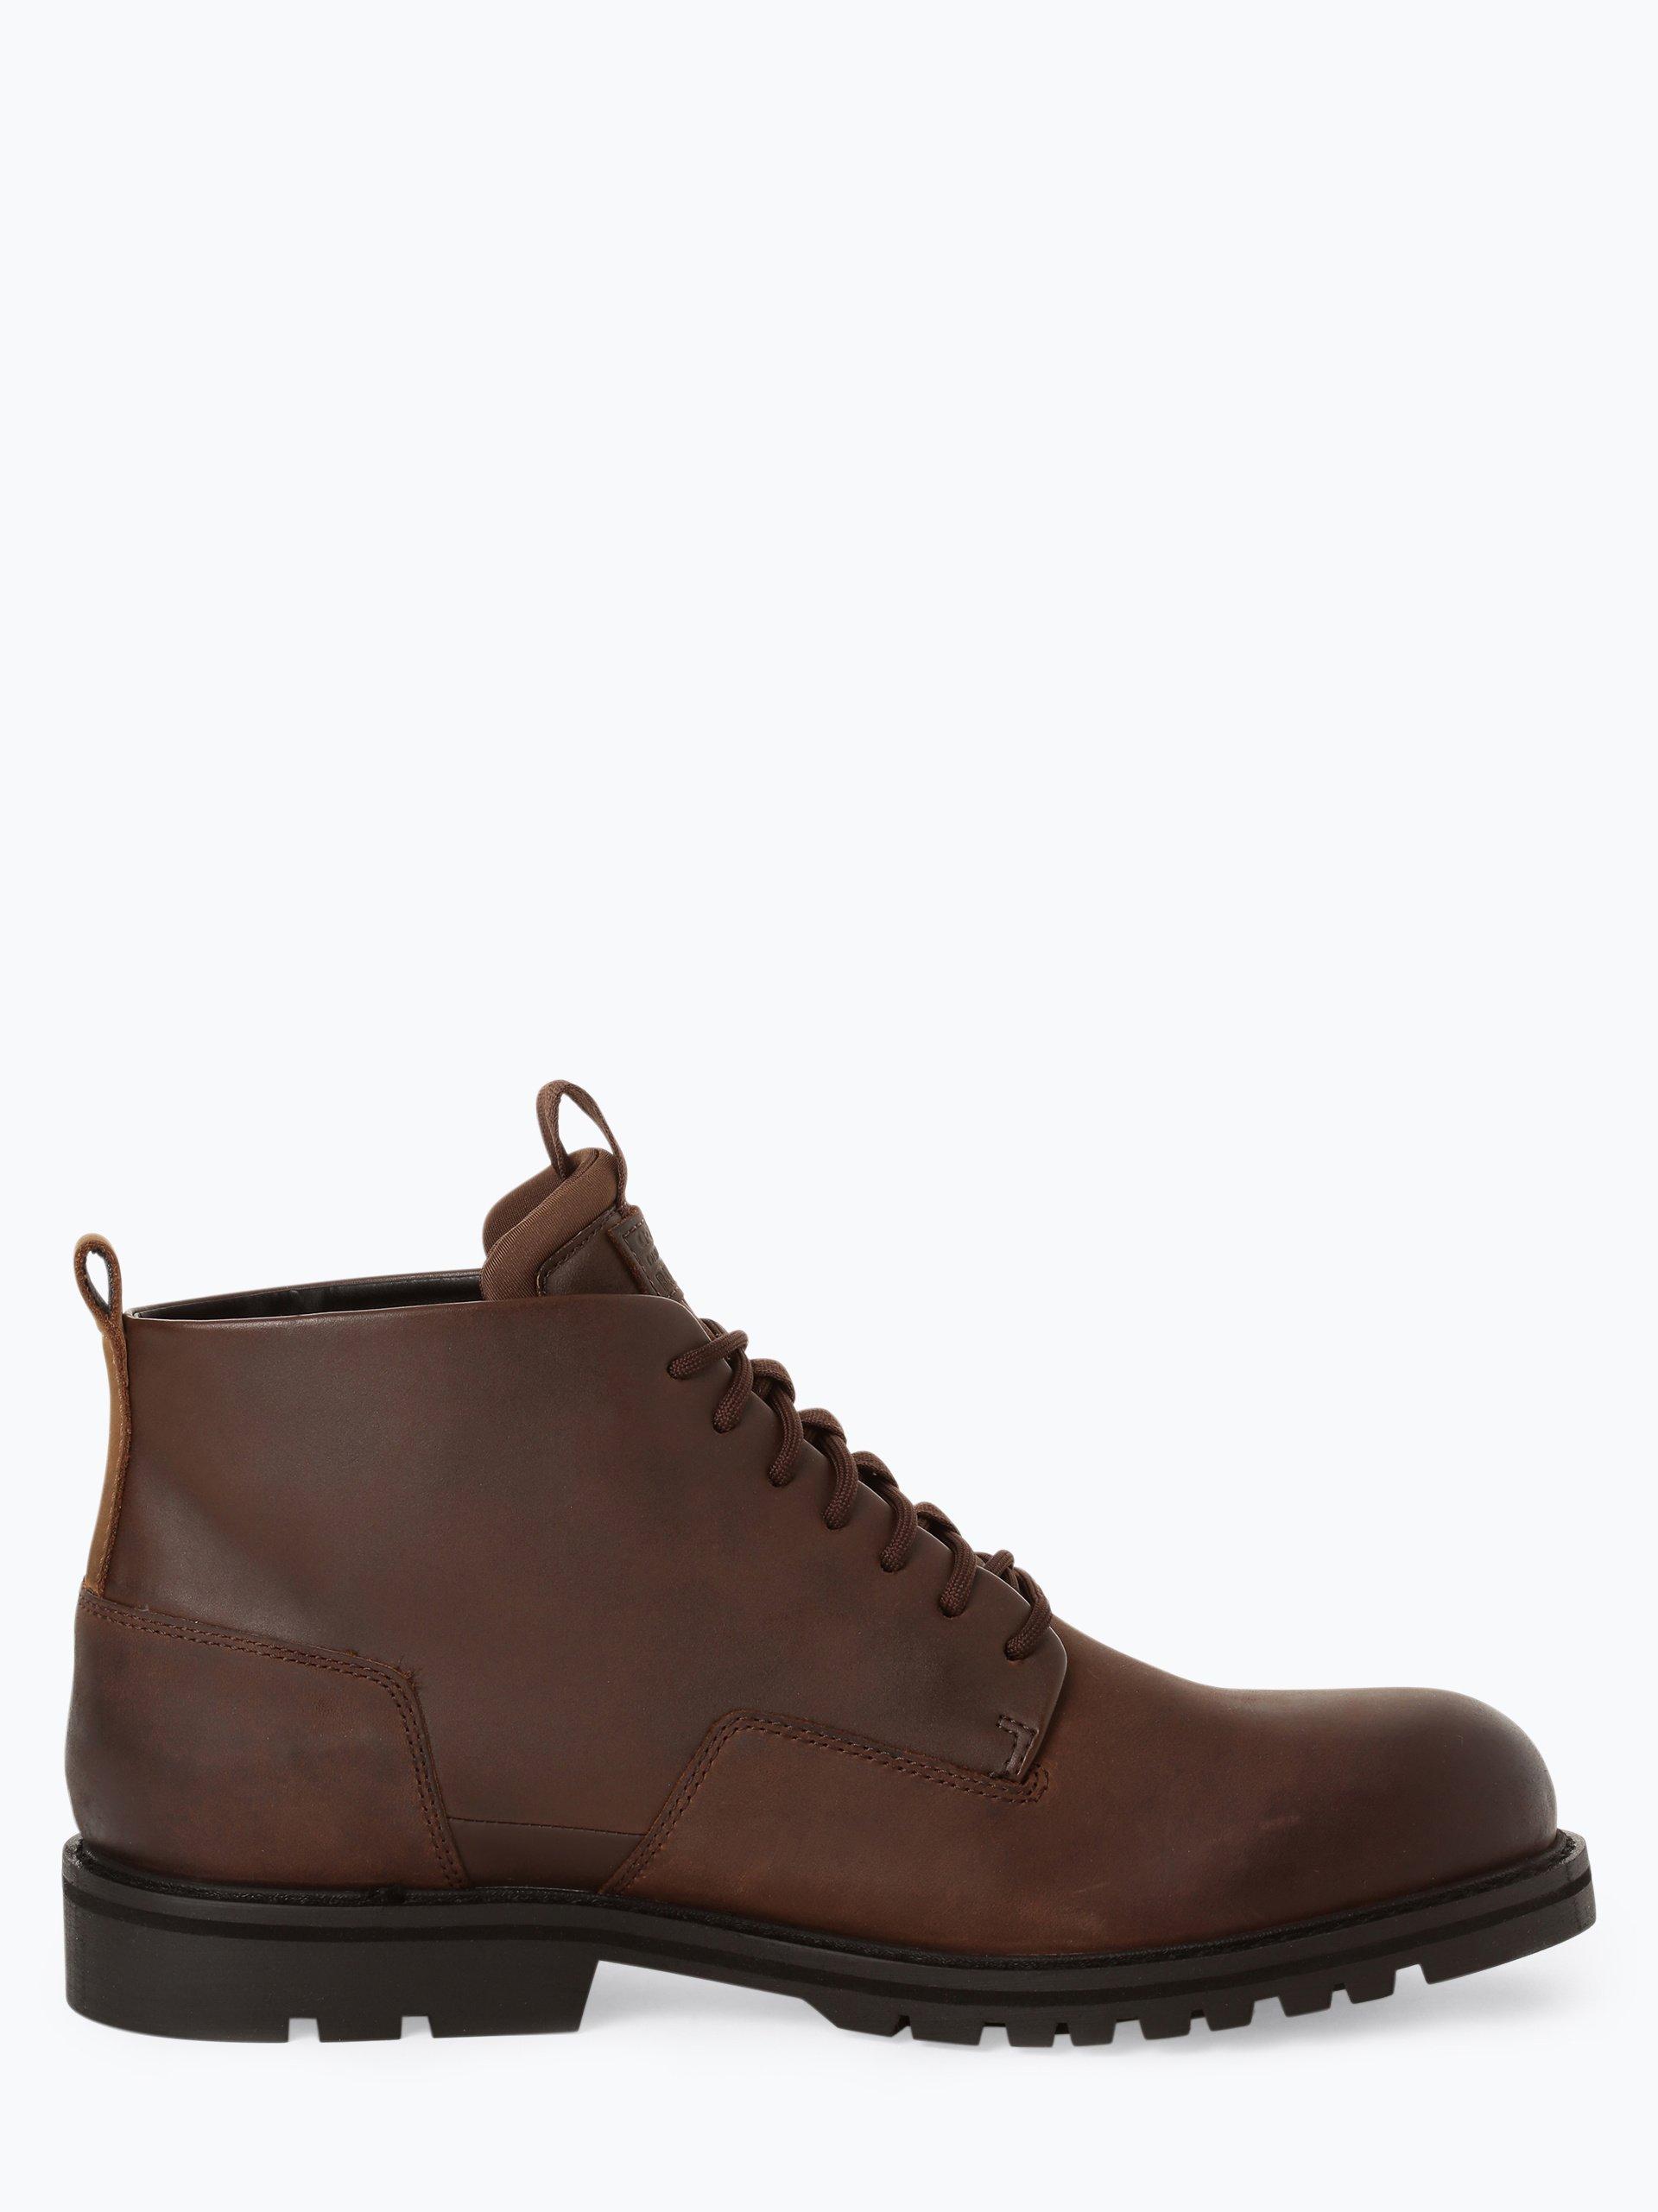 G-Star RAW Herren Boots mit Leder-Anteil - Core